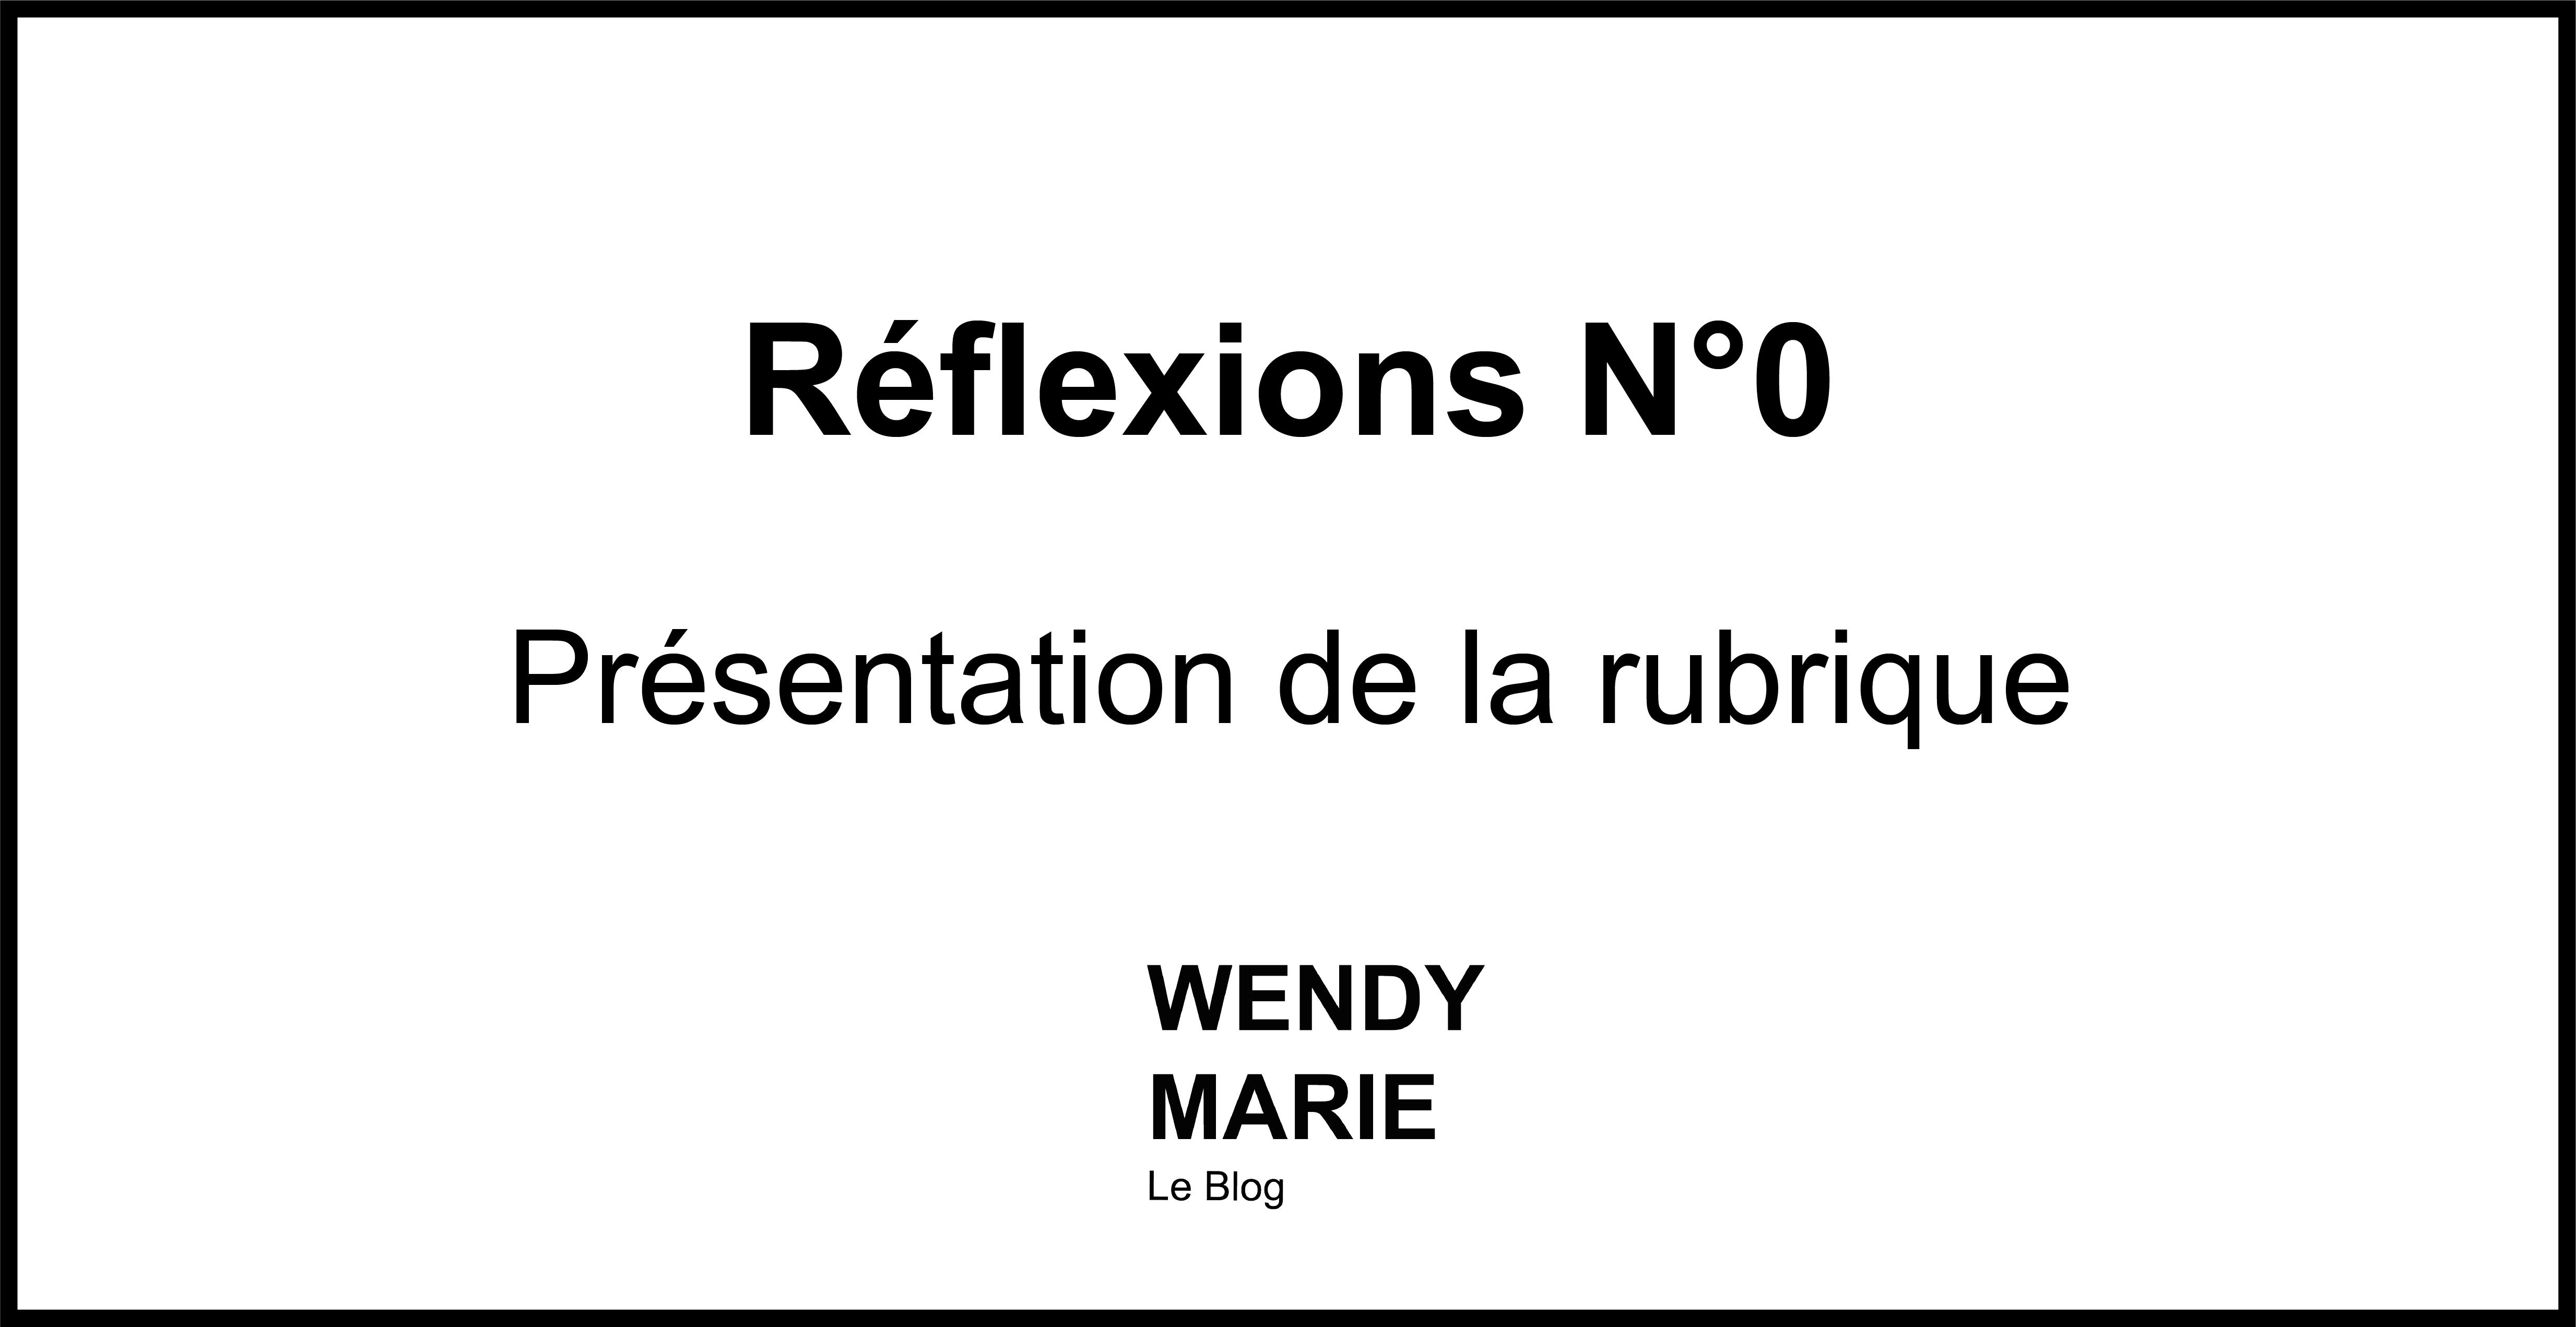 RÉFLEXIONS N°0 : Présentation de la rubrique